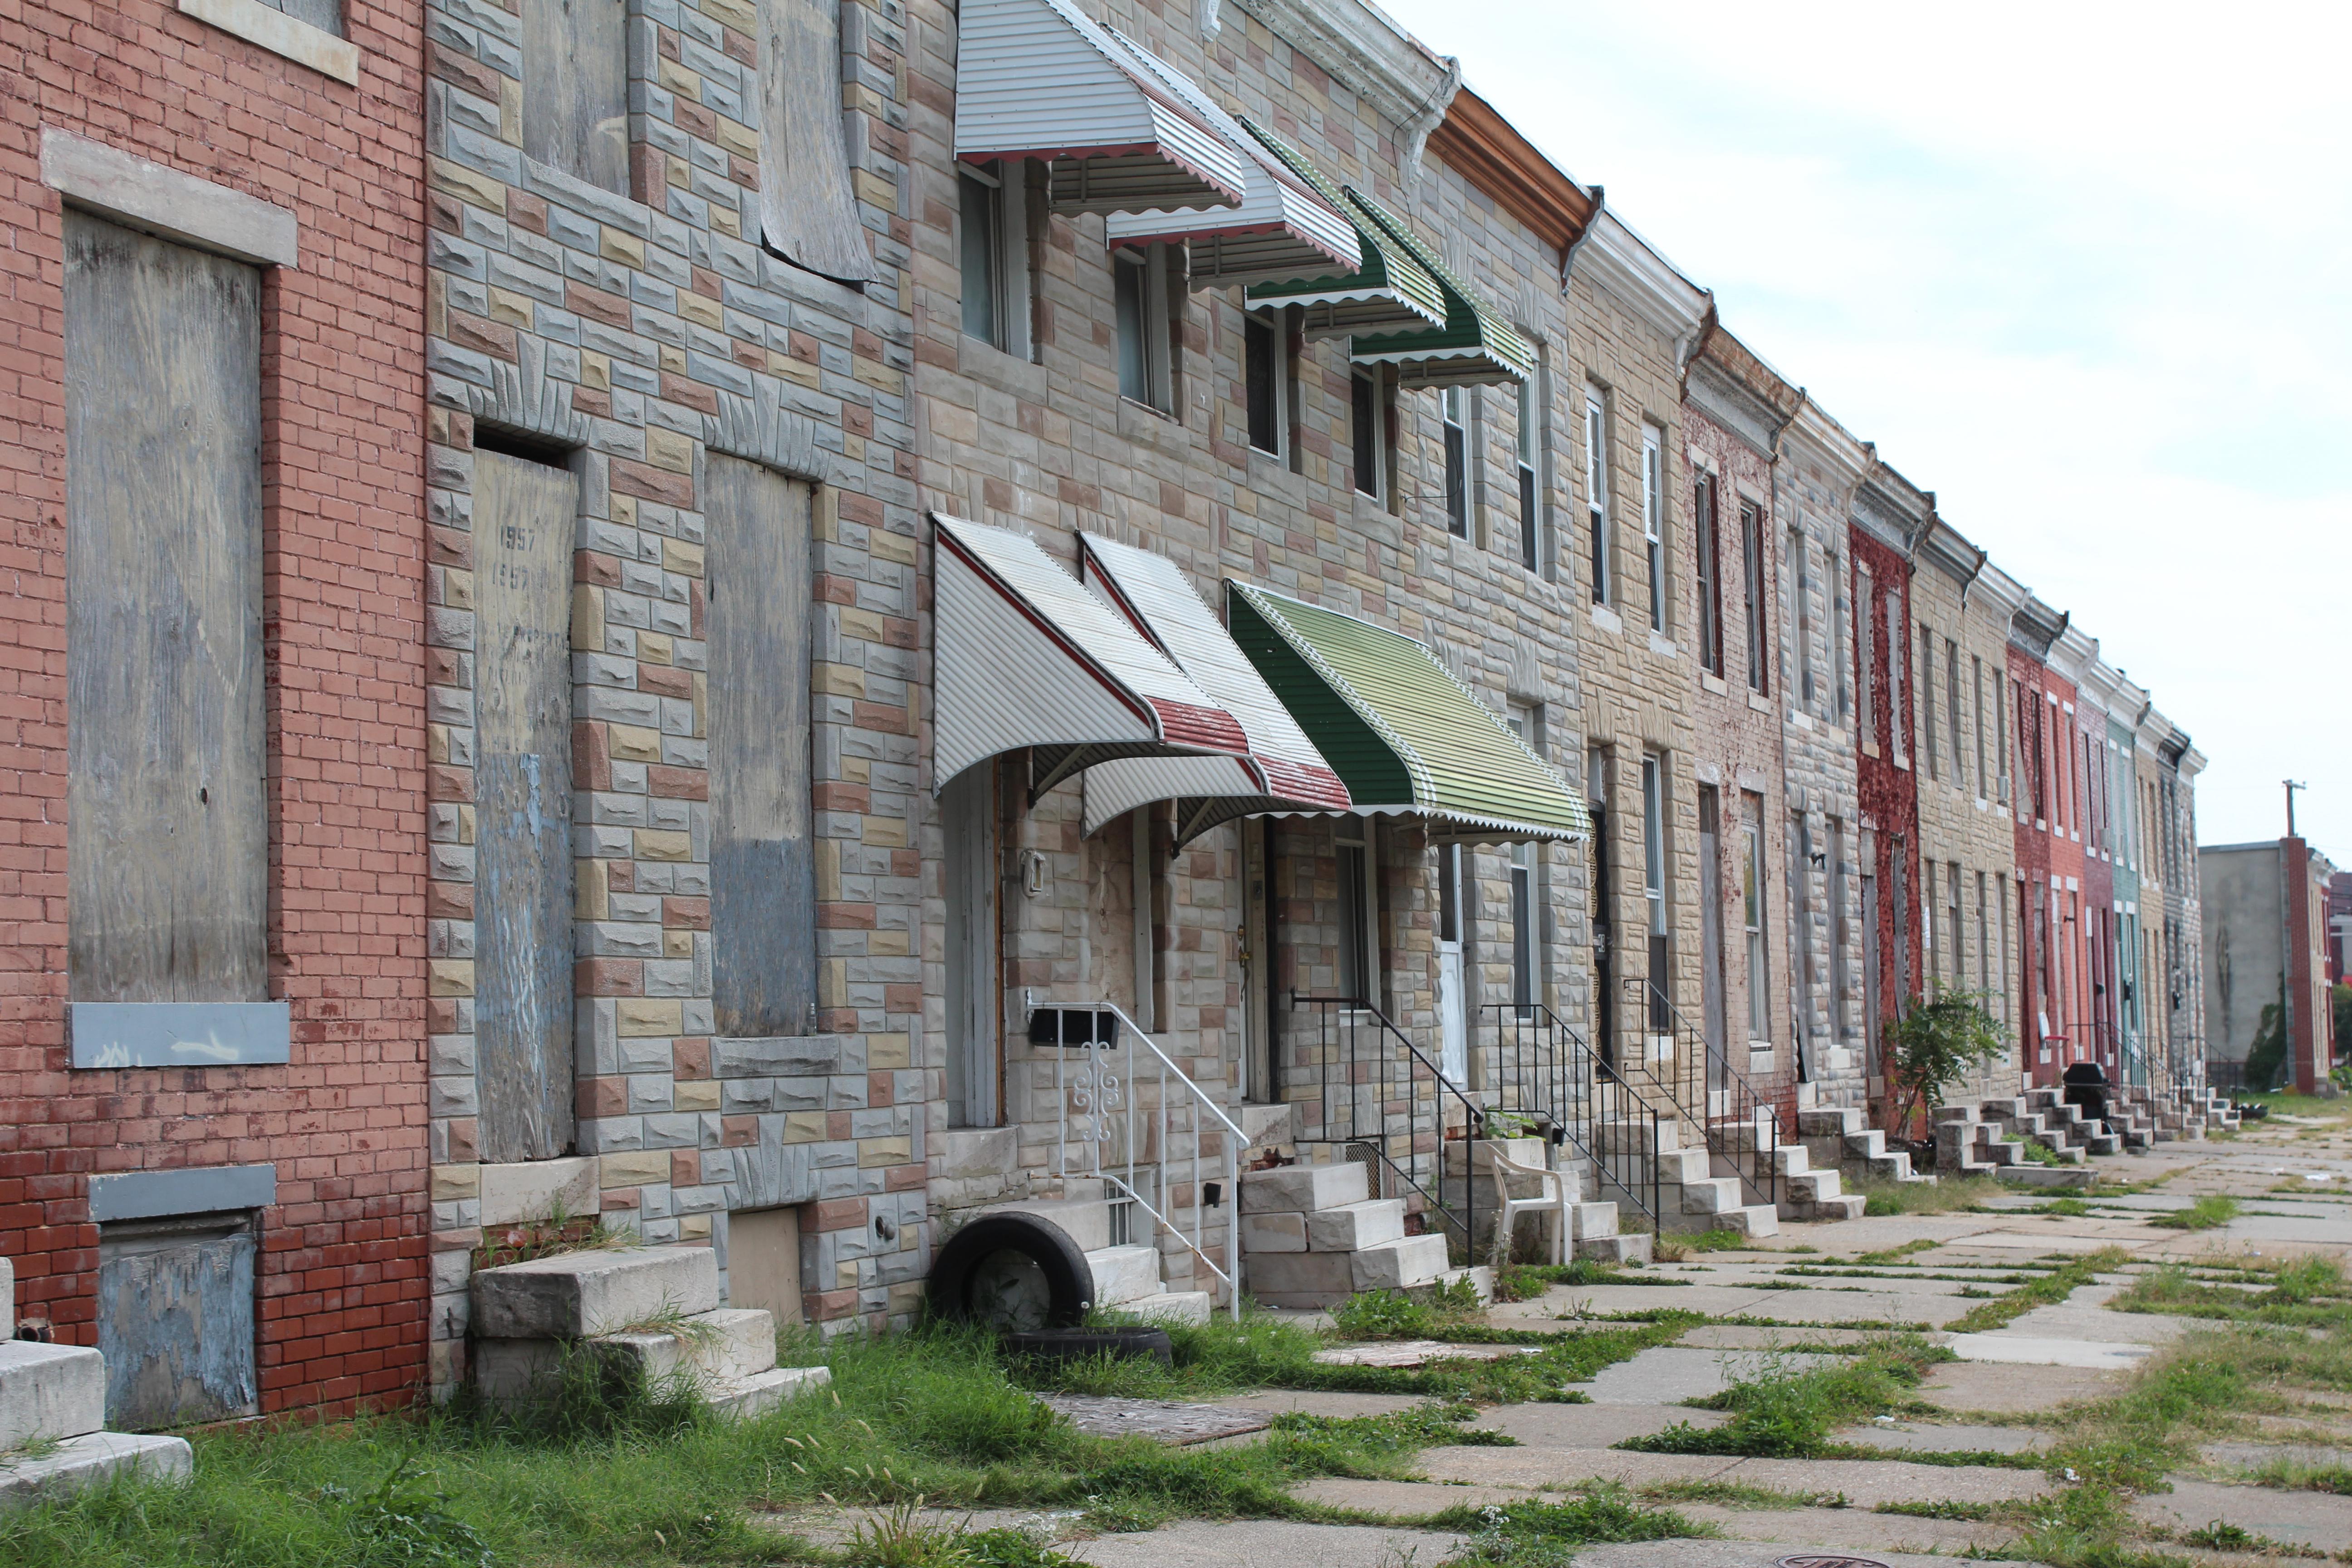 Maisons abandonnées. [E.Linder]